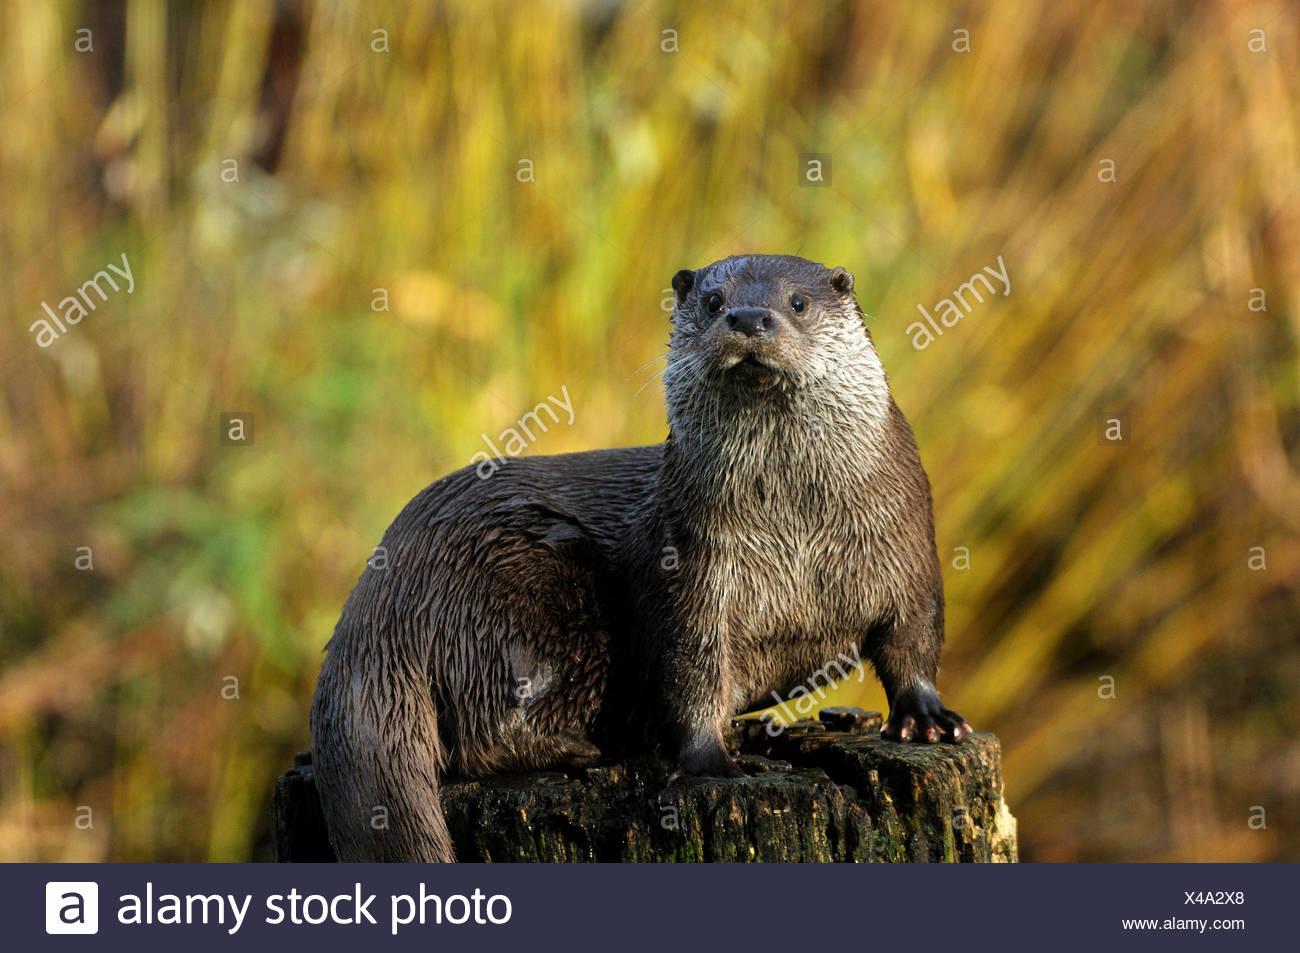 Fischotter Lutra Lutra hairy-nosed Otter Mustelidae Martens Raubtiere Caniden Otter Wasser Predator Fisch Marder Tier Tiere Keim Stockbild